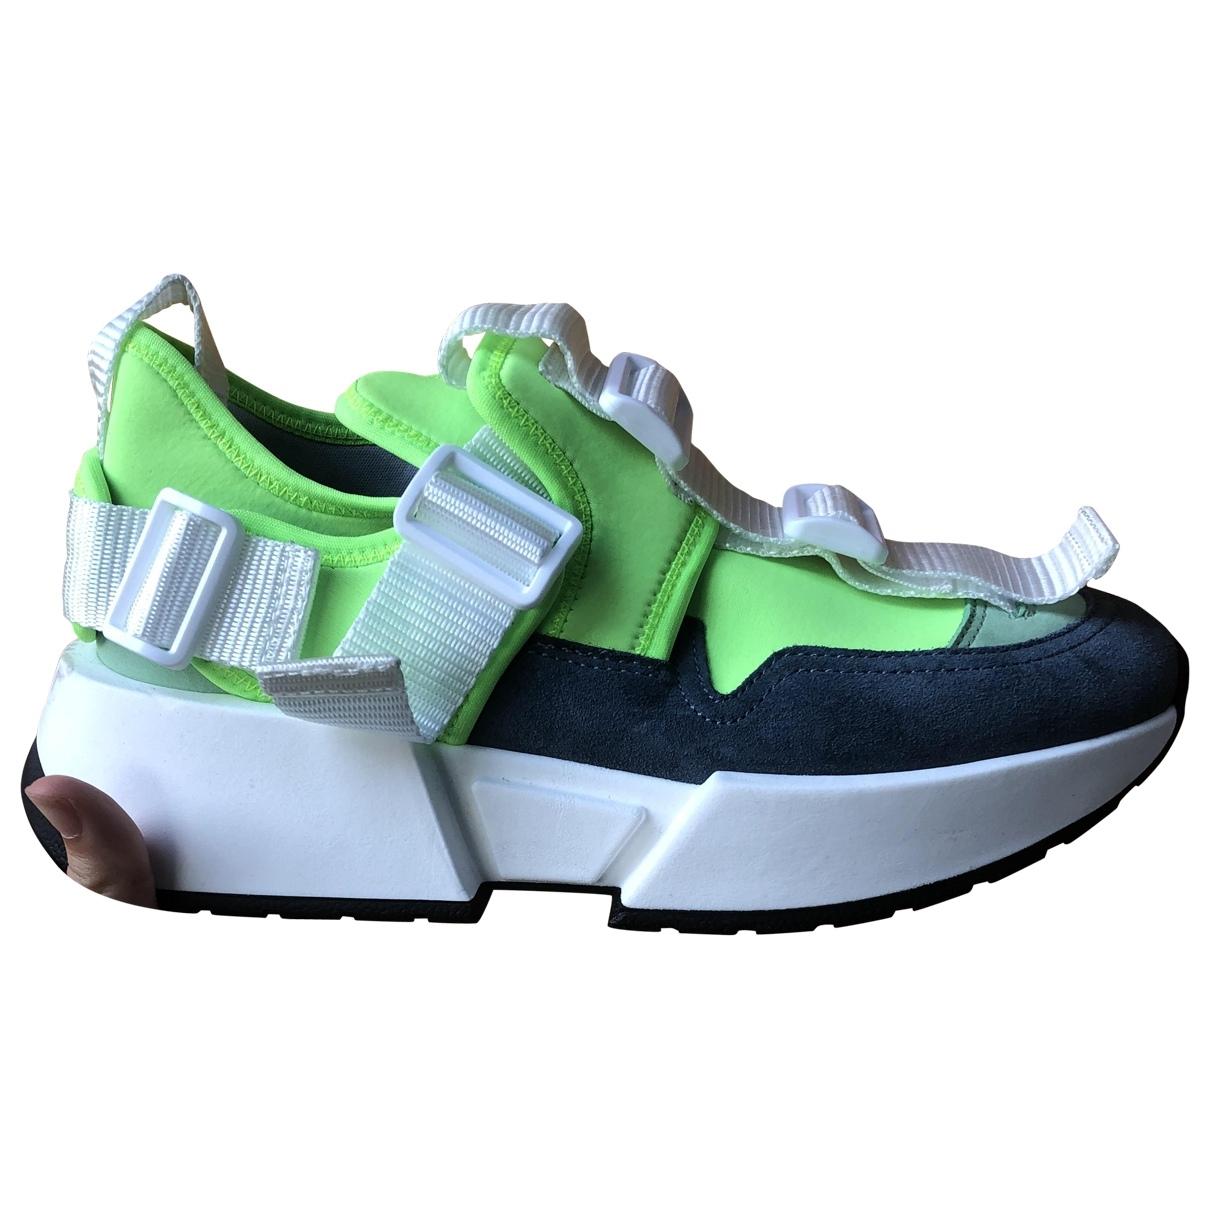 Mm6 \N Sneakers in  Gruen Leinen